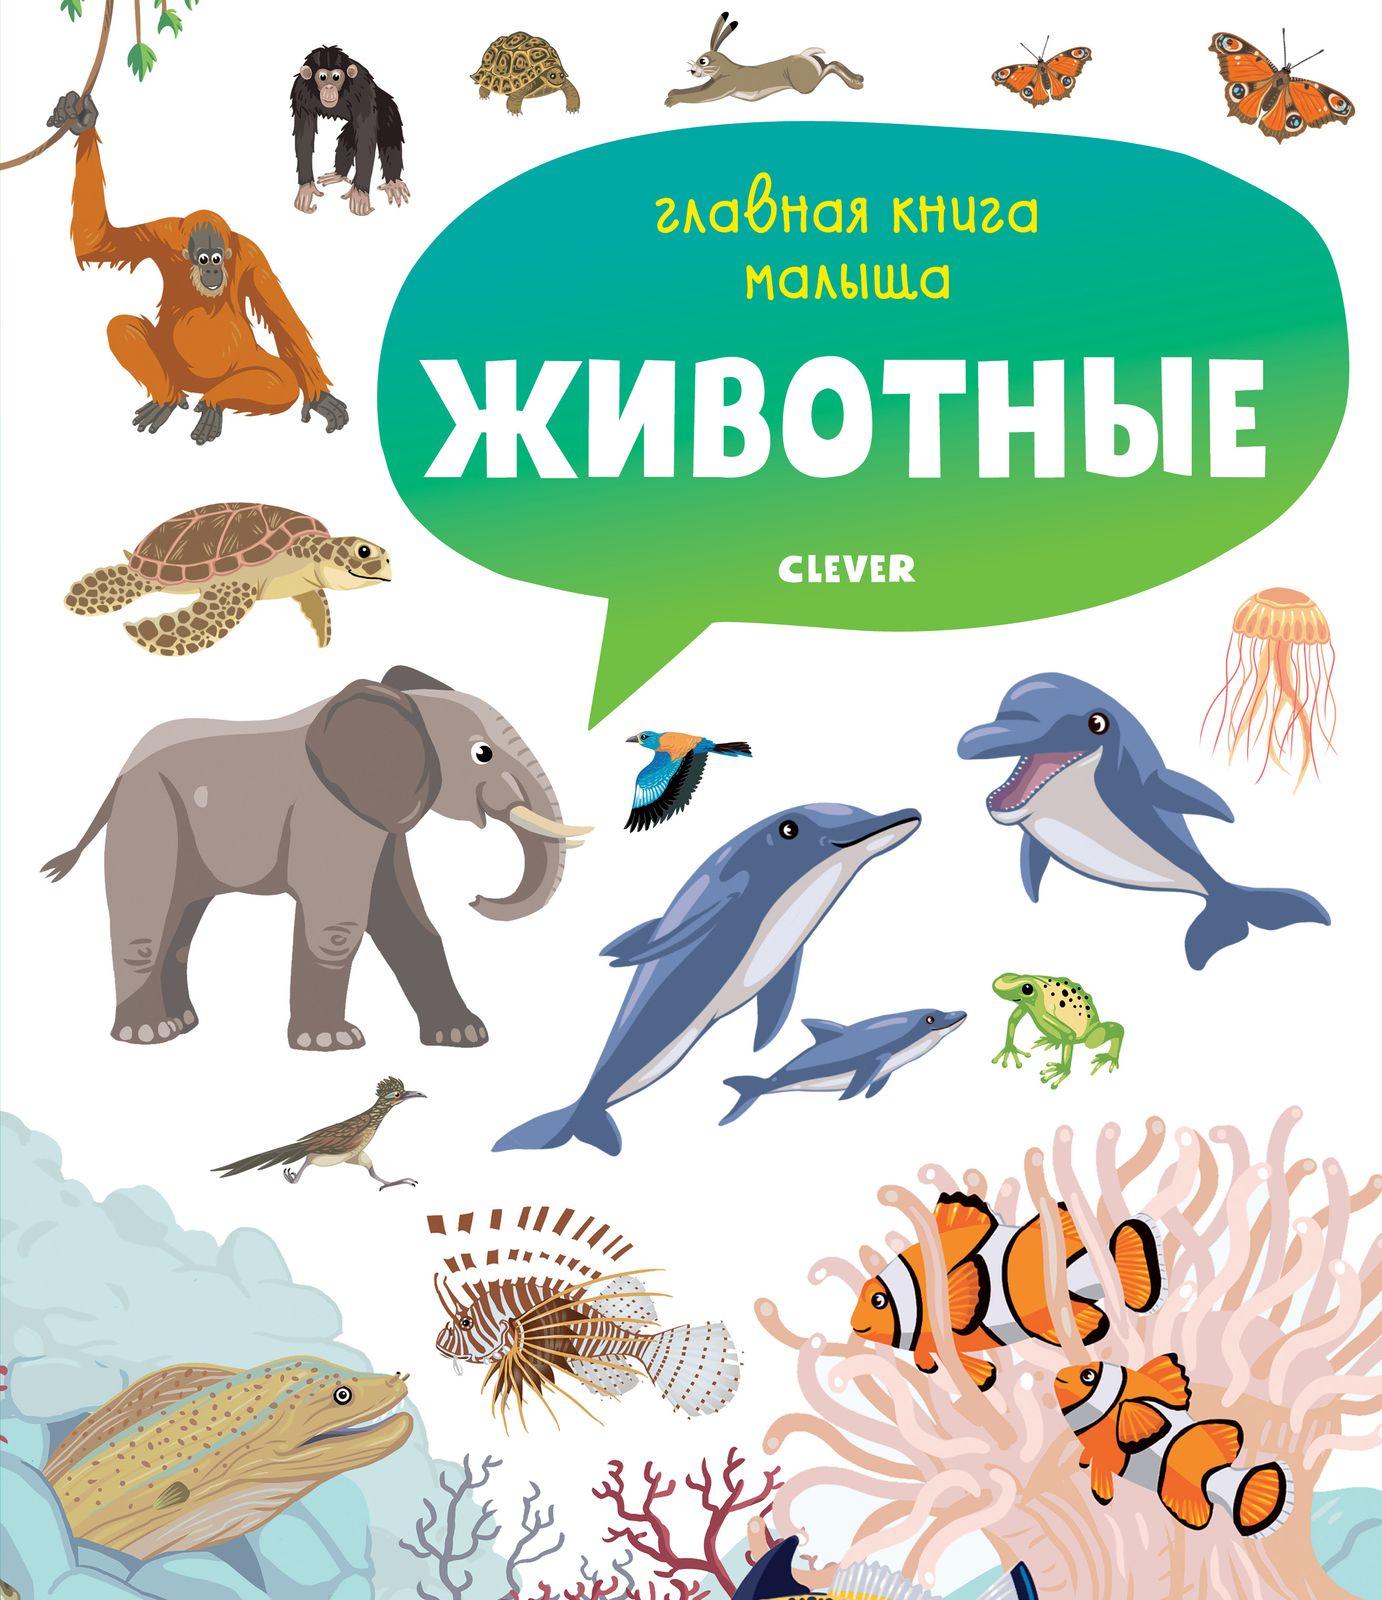 Главная книга малыша. Животные фото